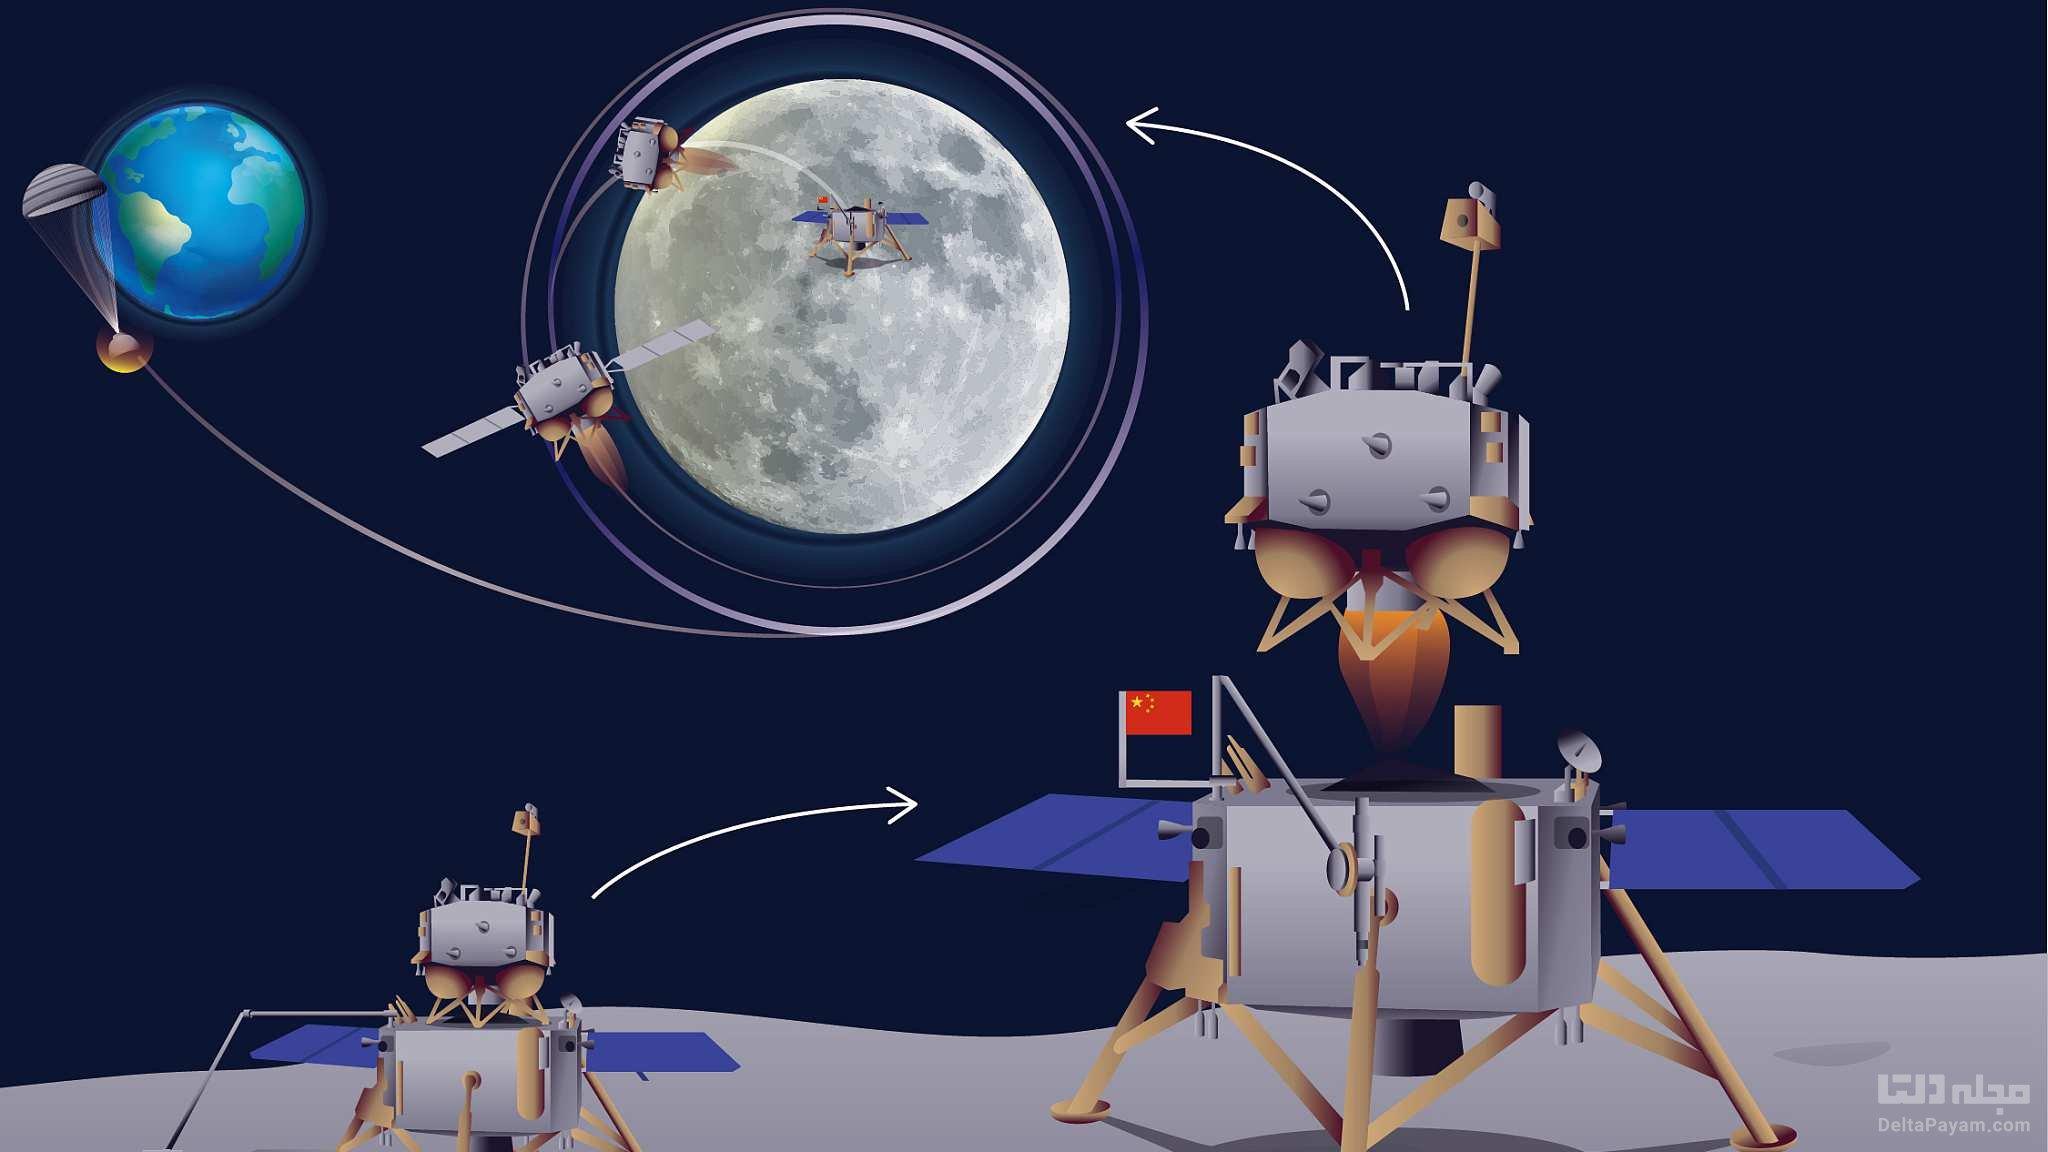 چین نمونه خاک ماه را به زمین آورد